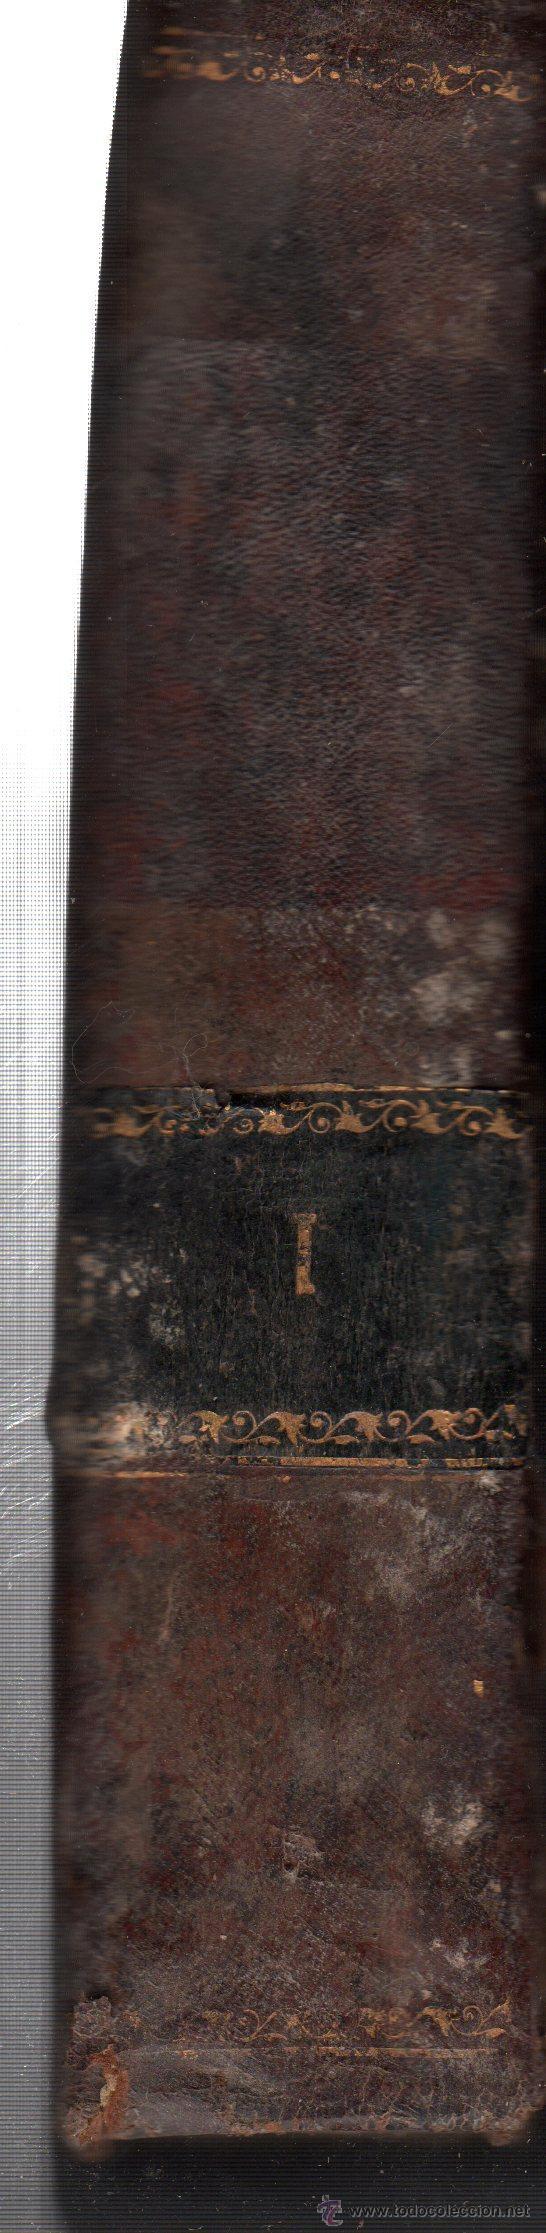 Libros antiguos: SUMMA PHILOSOPHICA, VOLUMEN 1, LOGICA ET ONTOLOGIA, THOMA MARIA ZIGLIARA, DELHOMME ET BRIGUET, 1889 - Foto 2 - 30051596